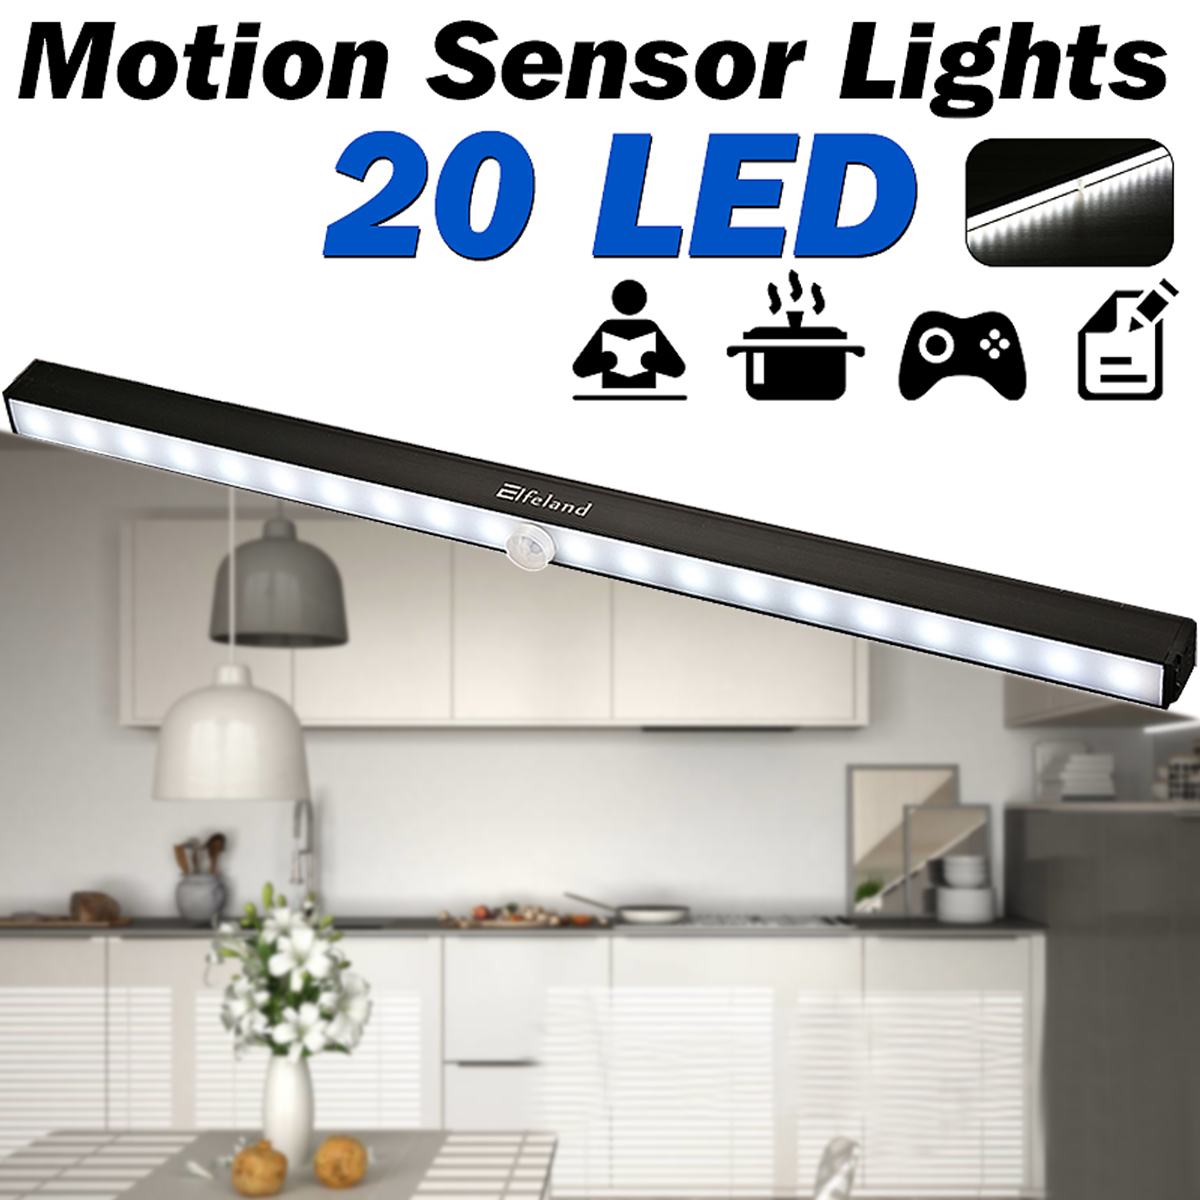 under cabinet lighting wireless led closet light battery powered motion sensor light 20 led bulbs easy to install night light bar for stairway